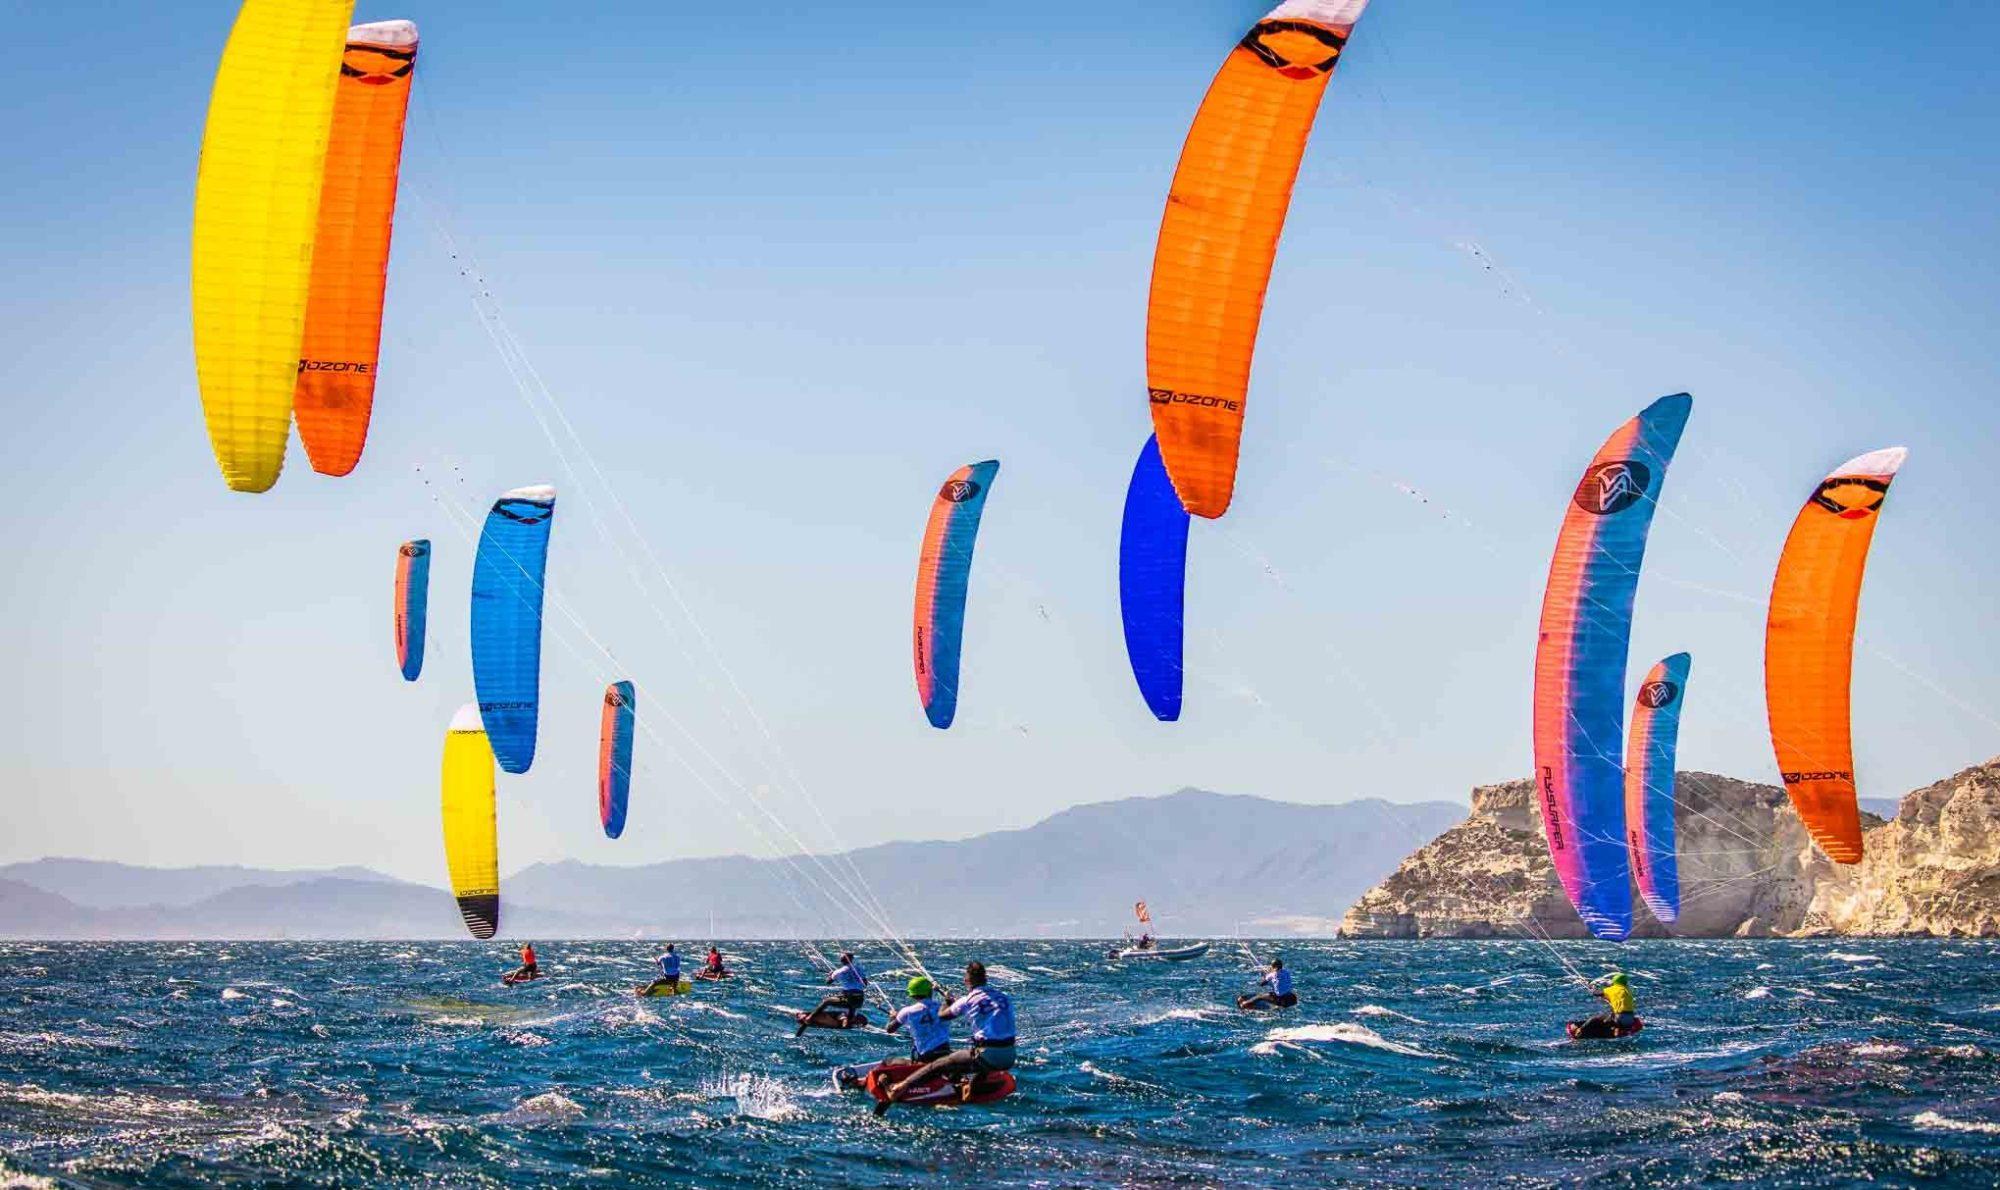 Sardinia Kitesurfing Spots: Cagliari, Punta Trettu< Villasimius, Chia, Porto Botte, Porto Pollo, San teodoro, Badesi: Discover the best kite beaches in Sardinia